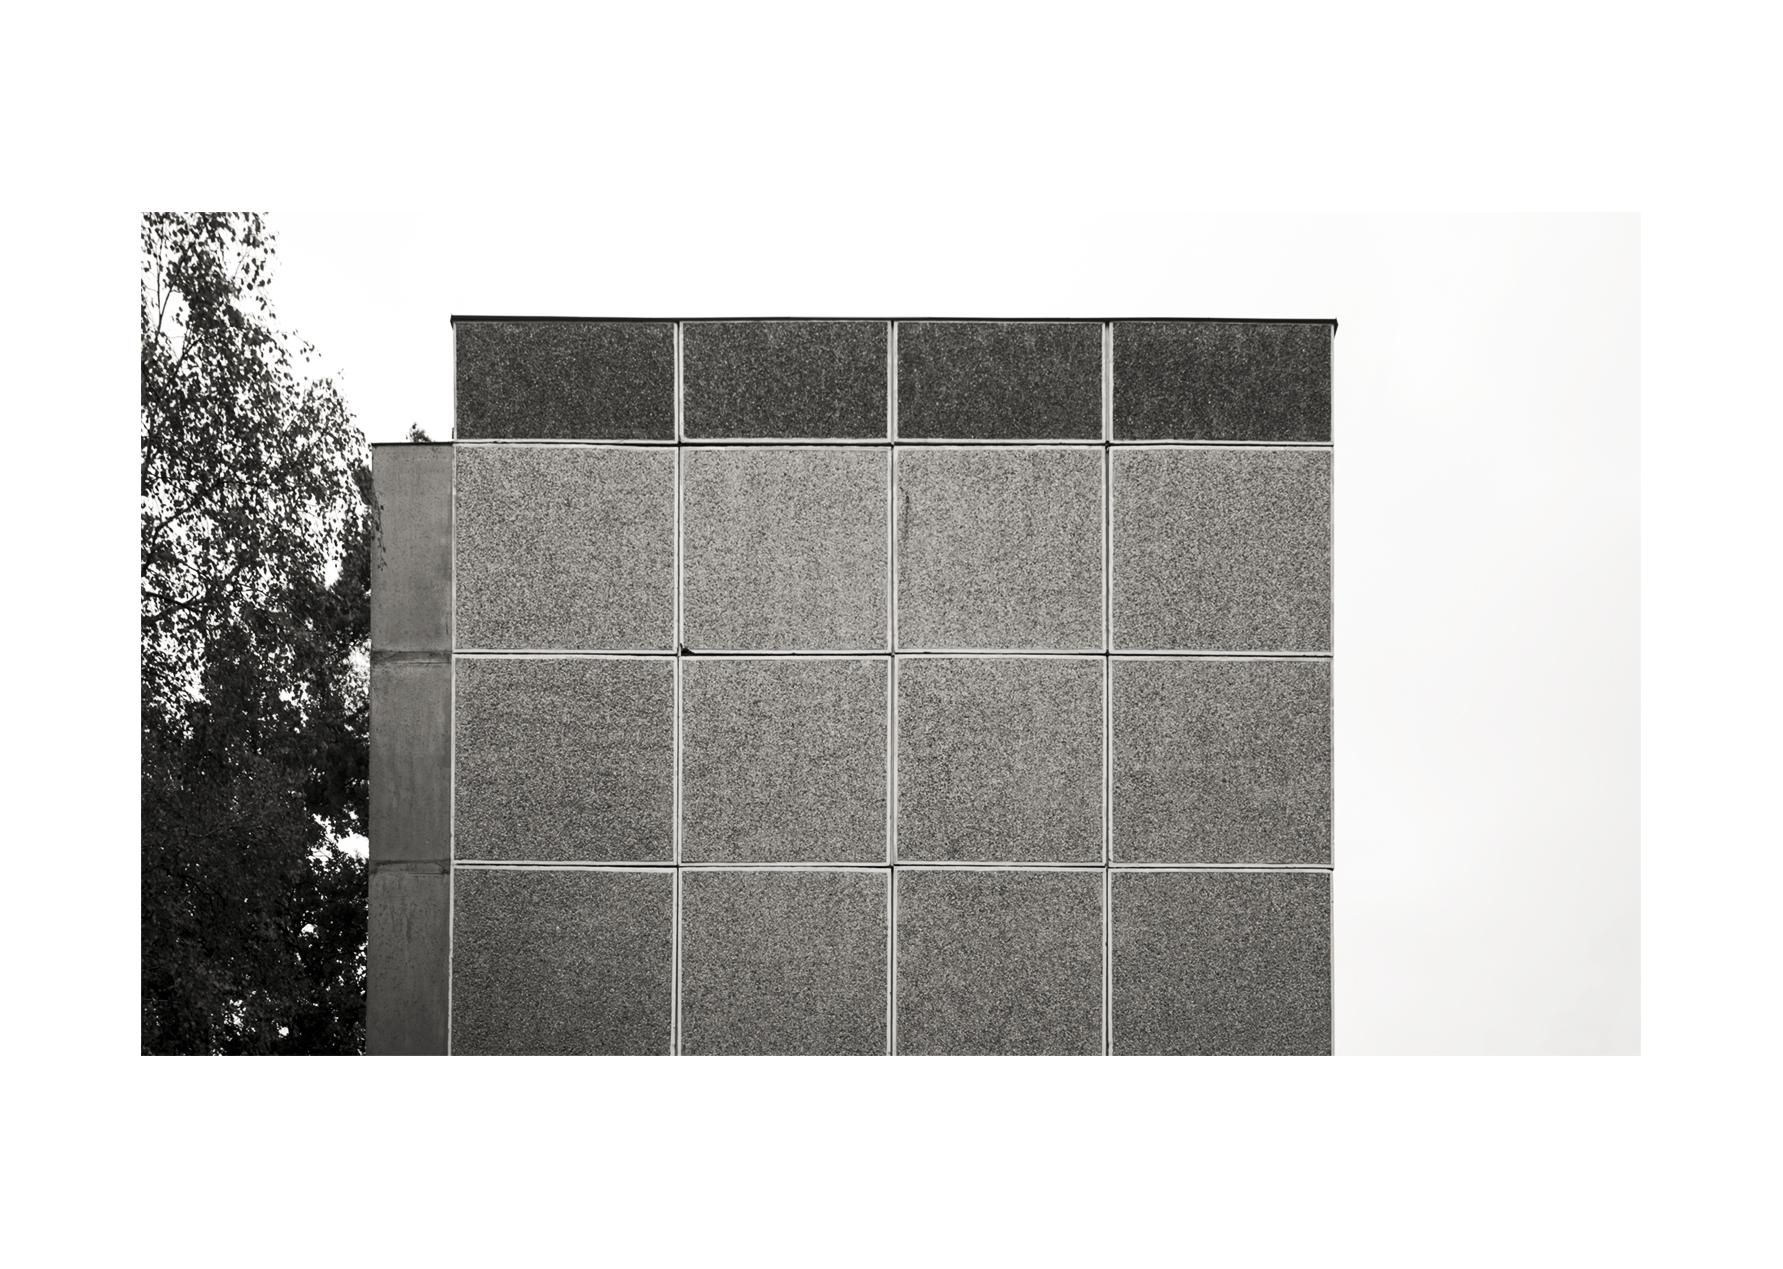 Façade, Kummersdorf-Gut © Stéphane Louis, 2009